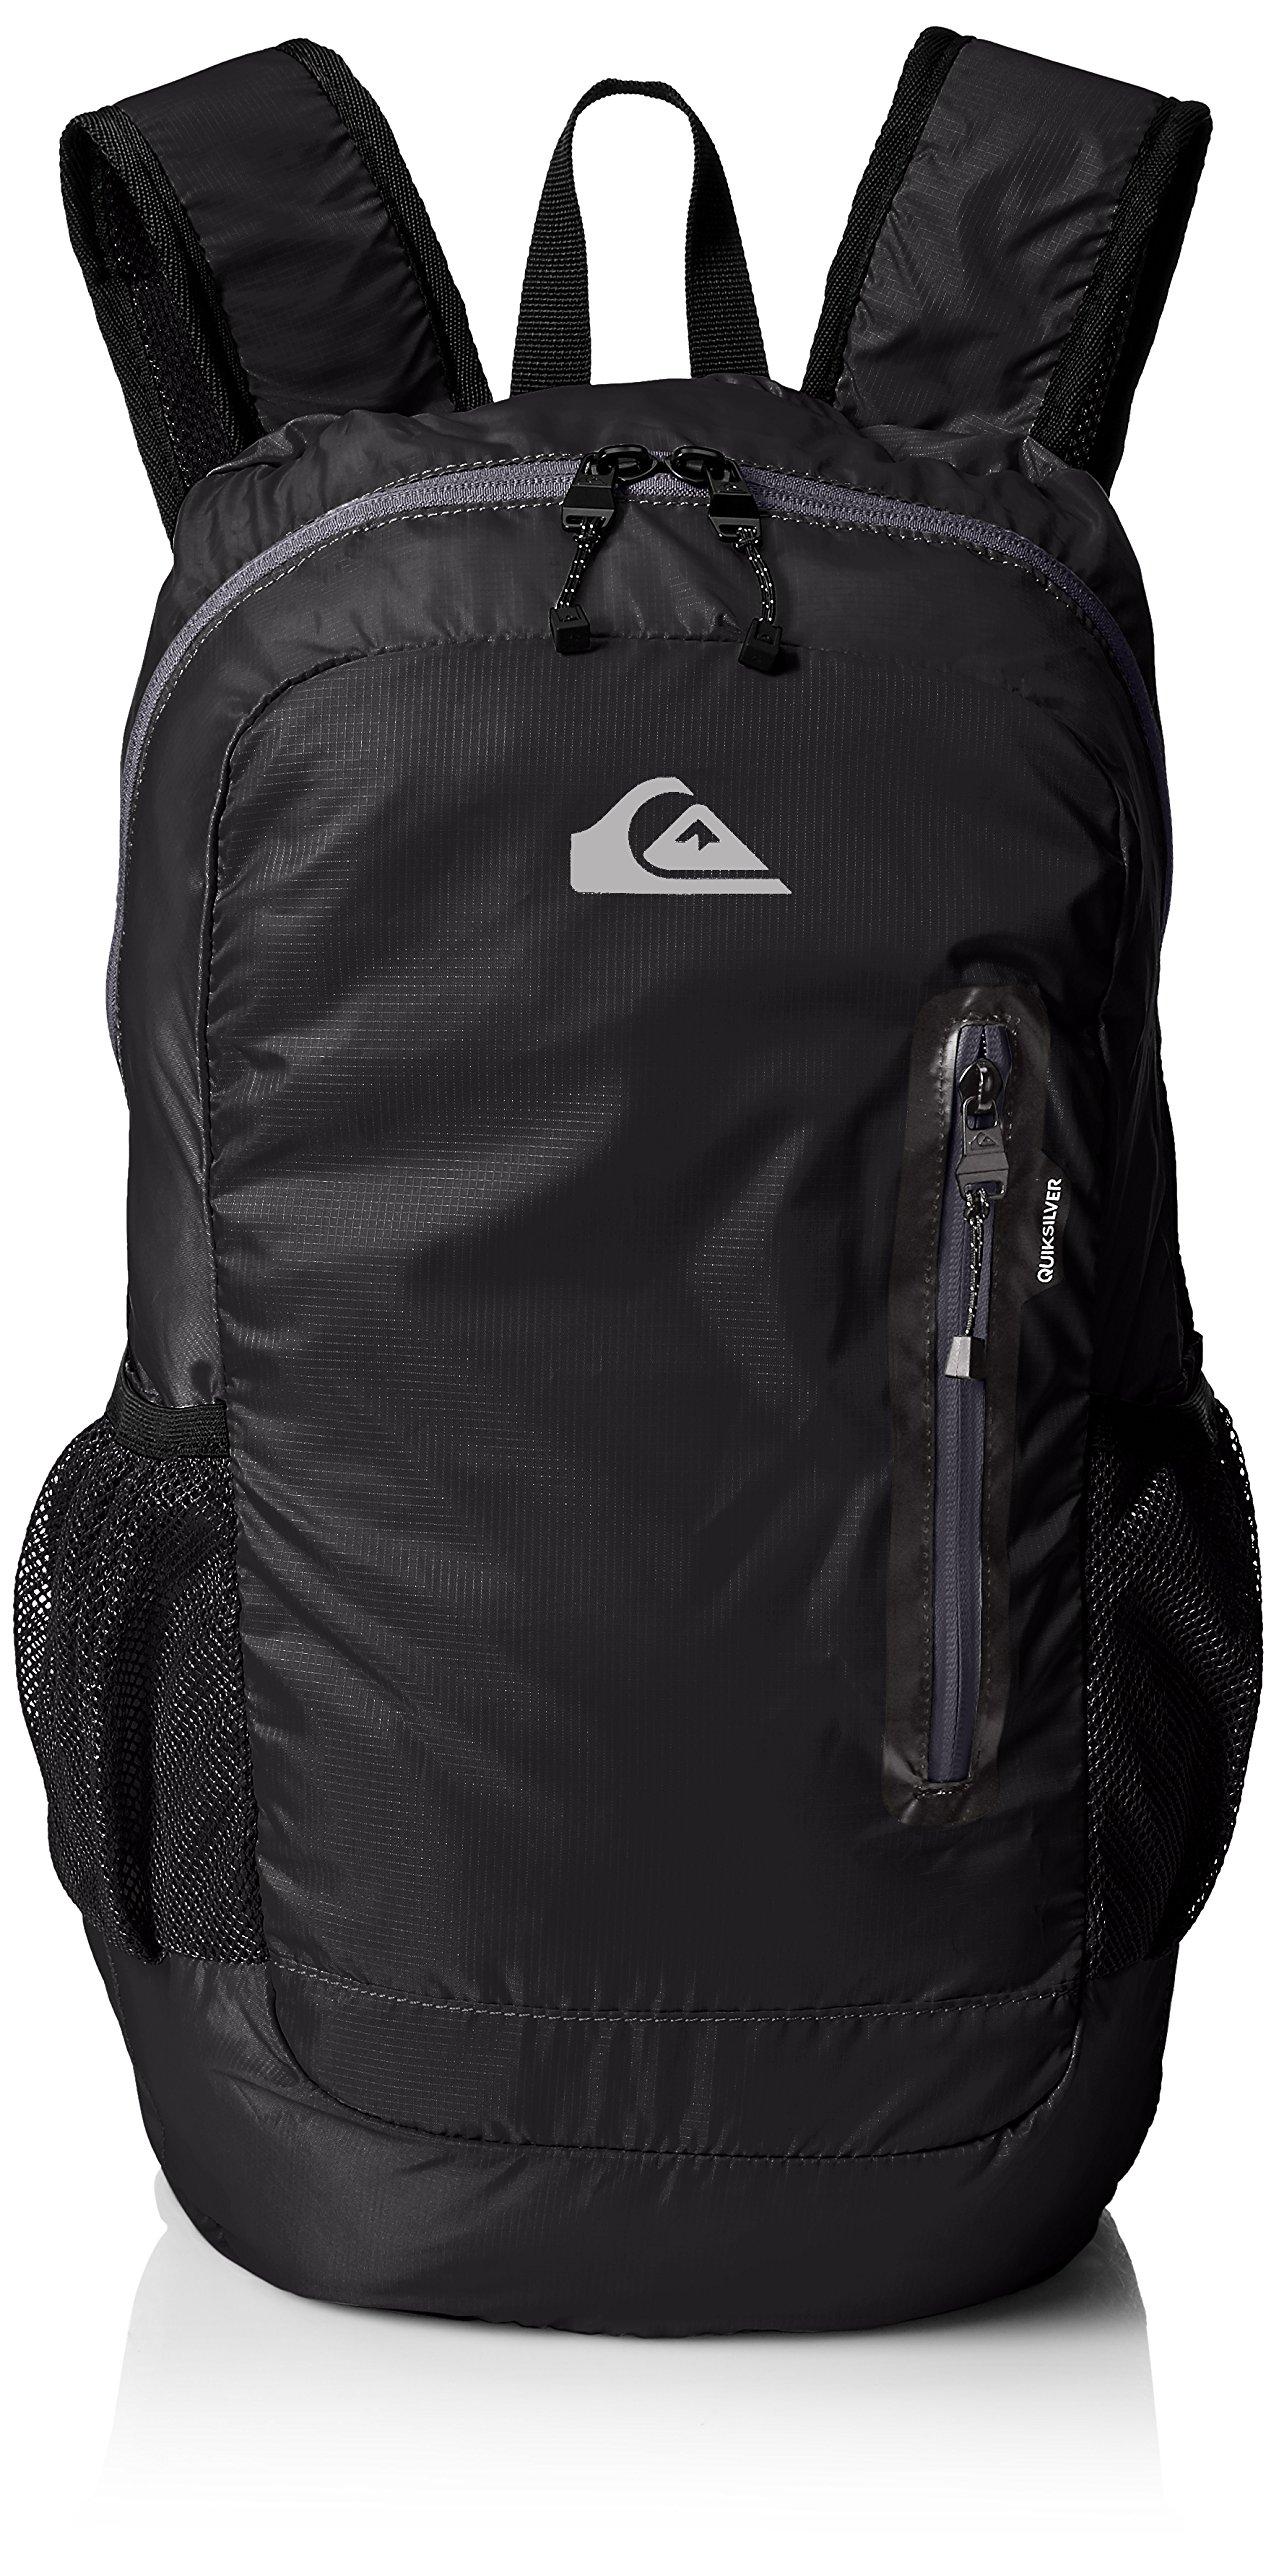 Quiksilver Men's Octo Packable Backpack, Black